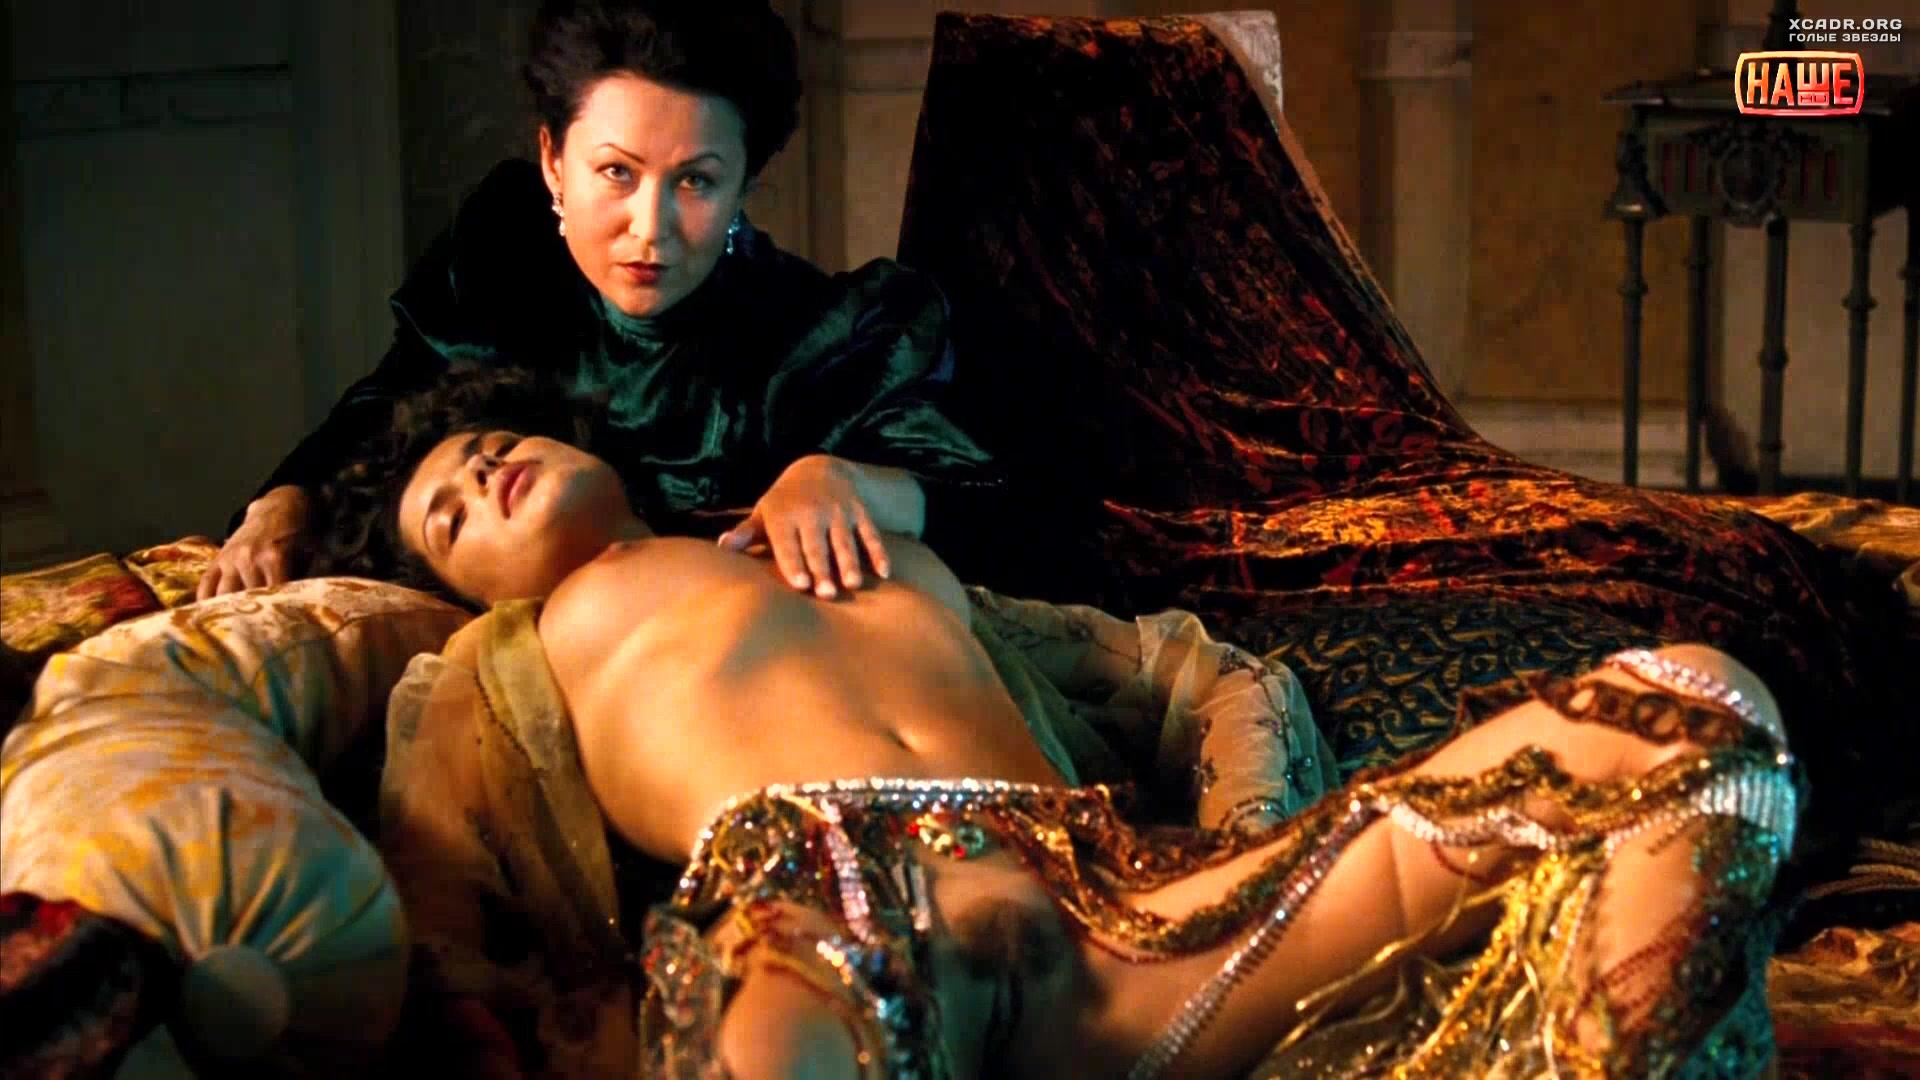 Эротика фильмы онлайн смотреть бесплатно Кино эротику онлайн